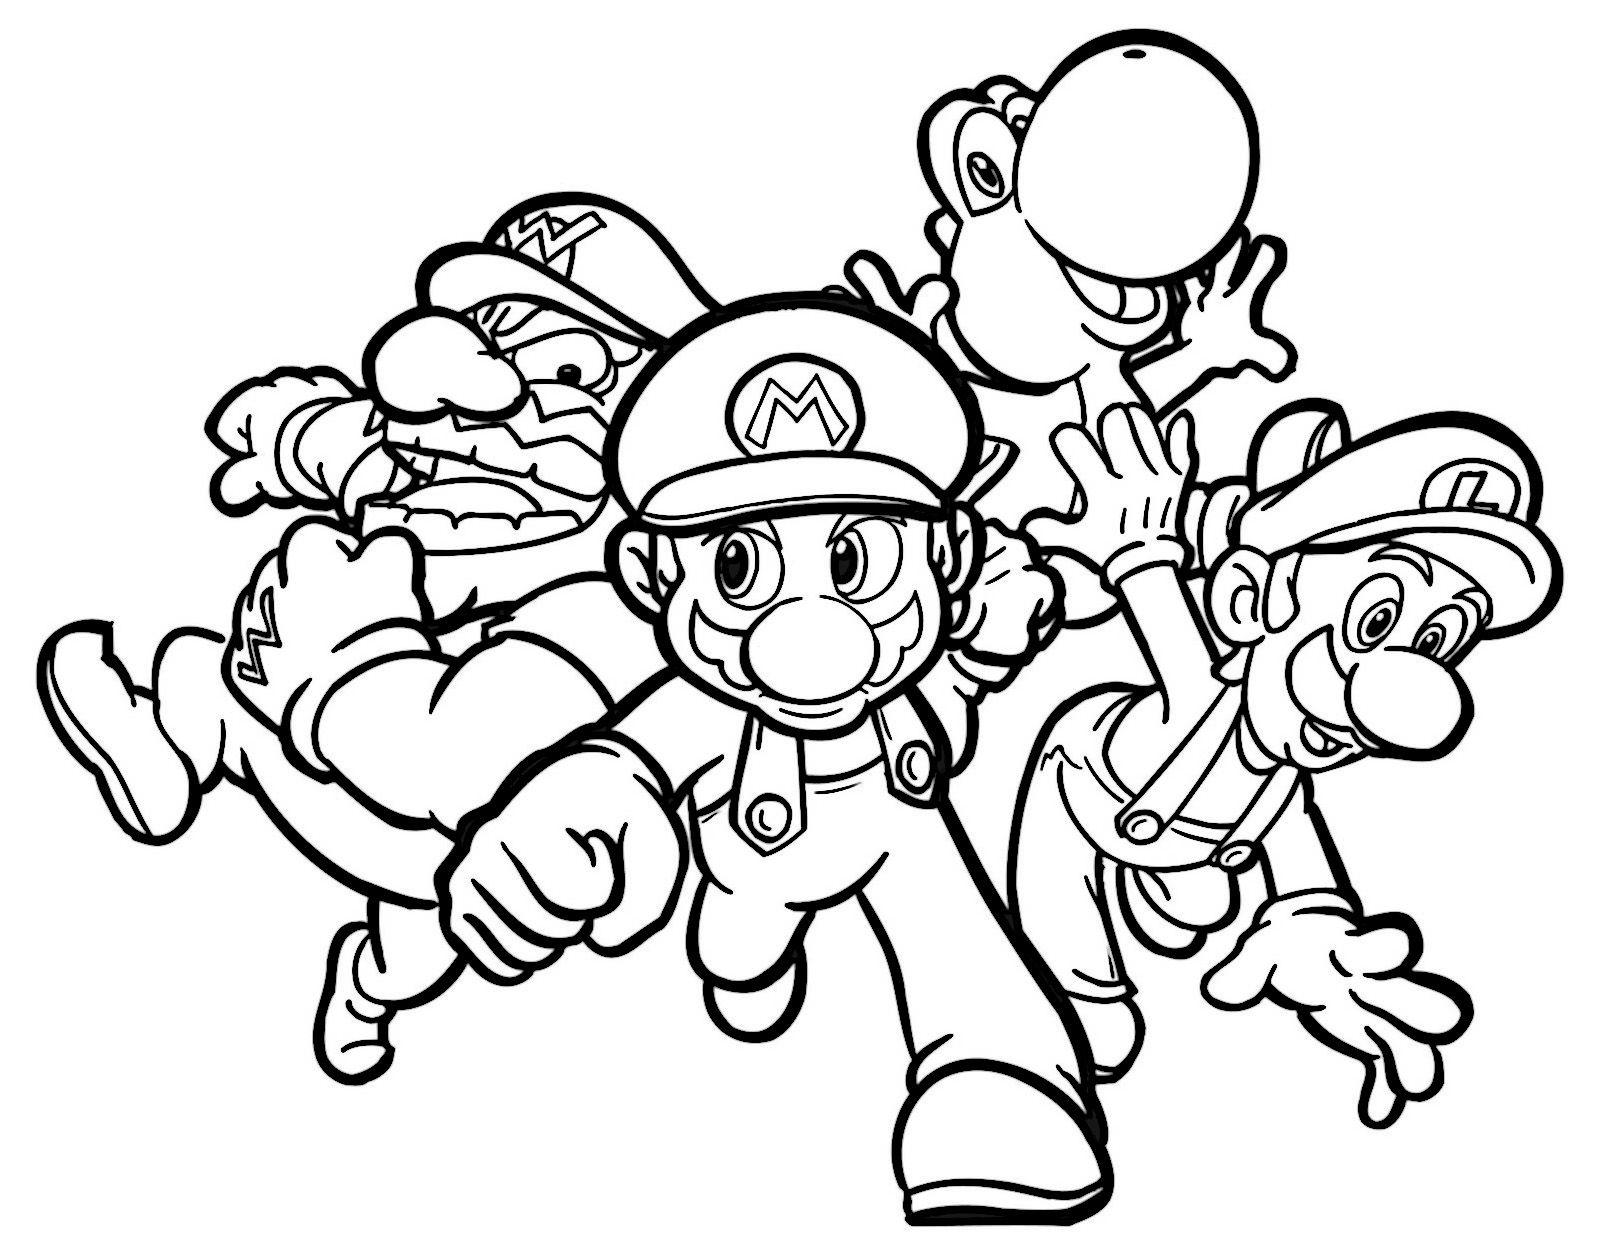 Mario Bross Ausmalbilder. Malvorlagen Zeichnung druckbare nº 2 ...